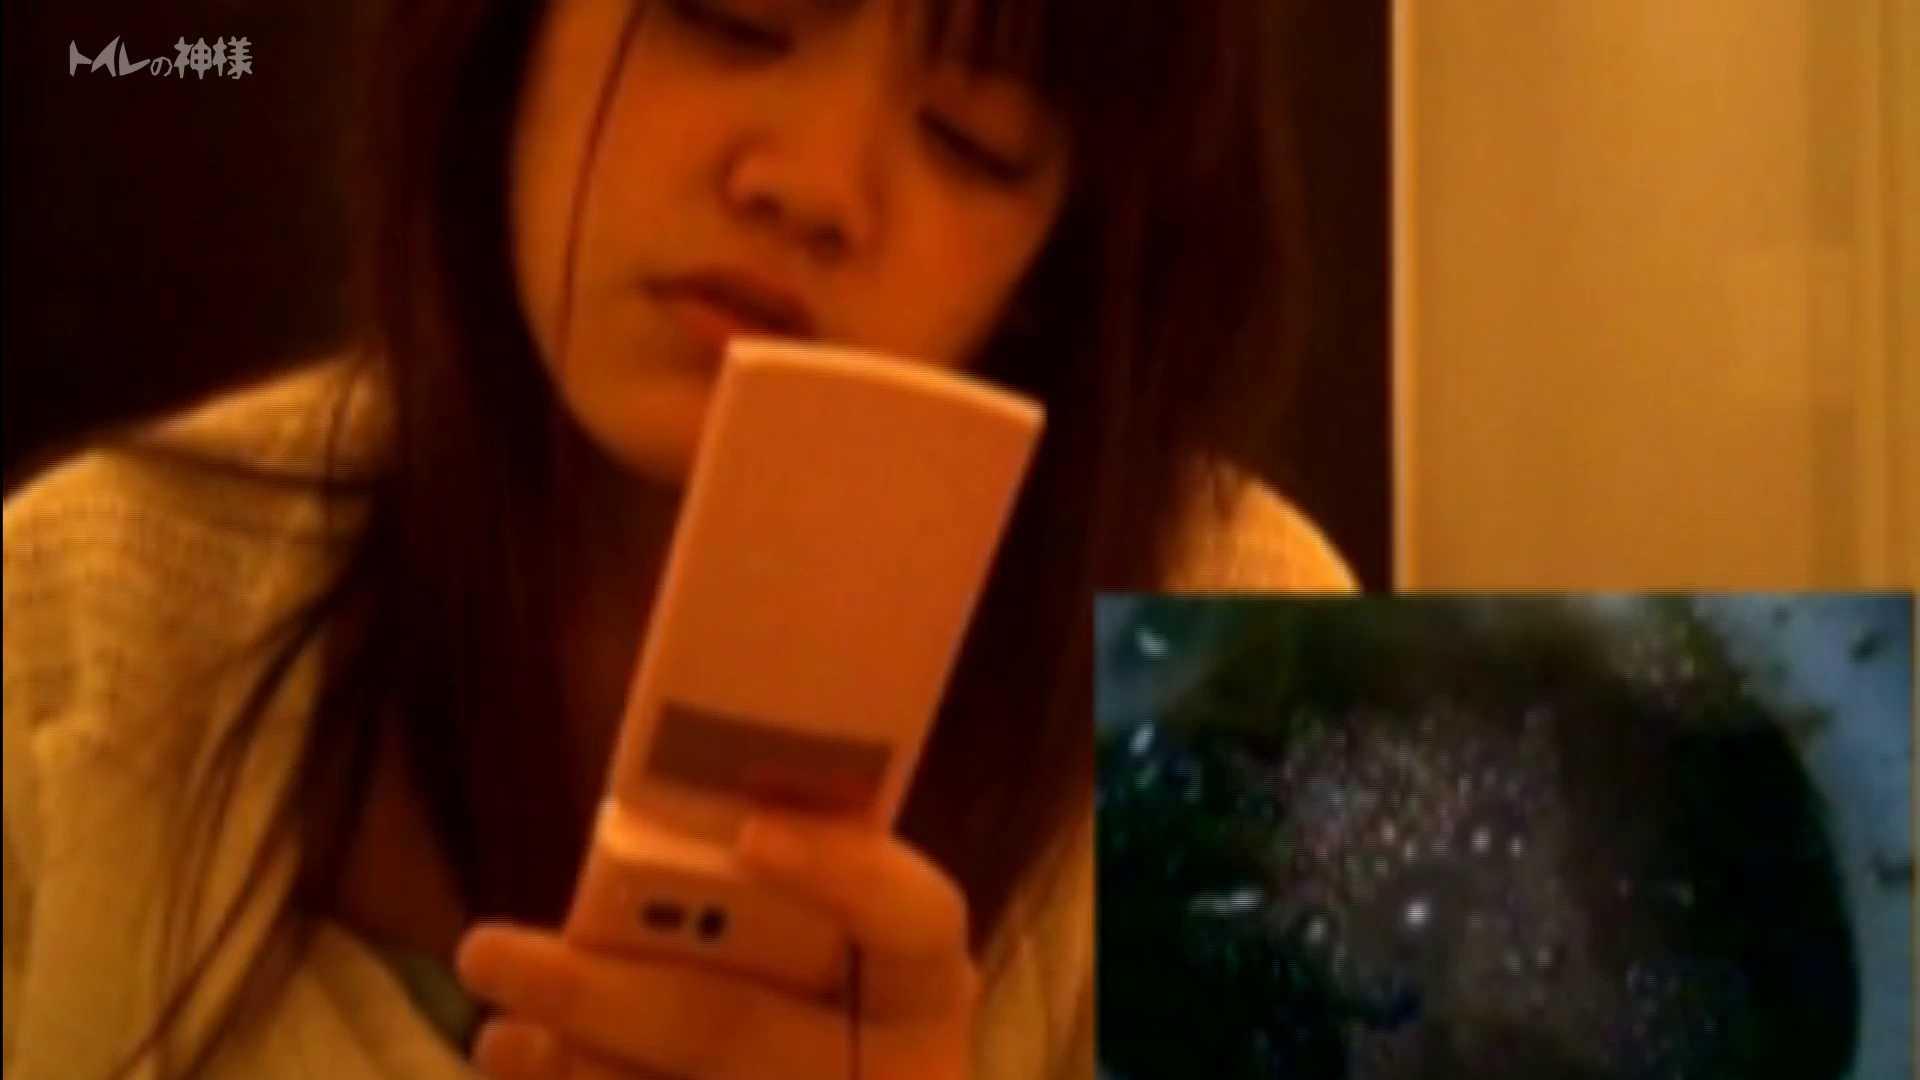 トイレの神様 Vol.03 彼女のうんち隠し撮り ギャル  70PIX 40